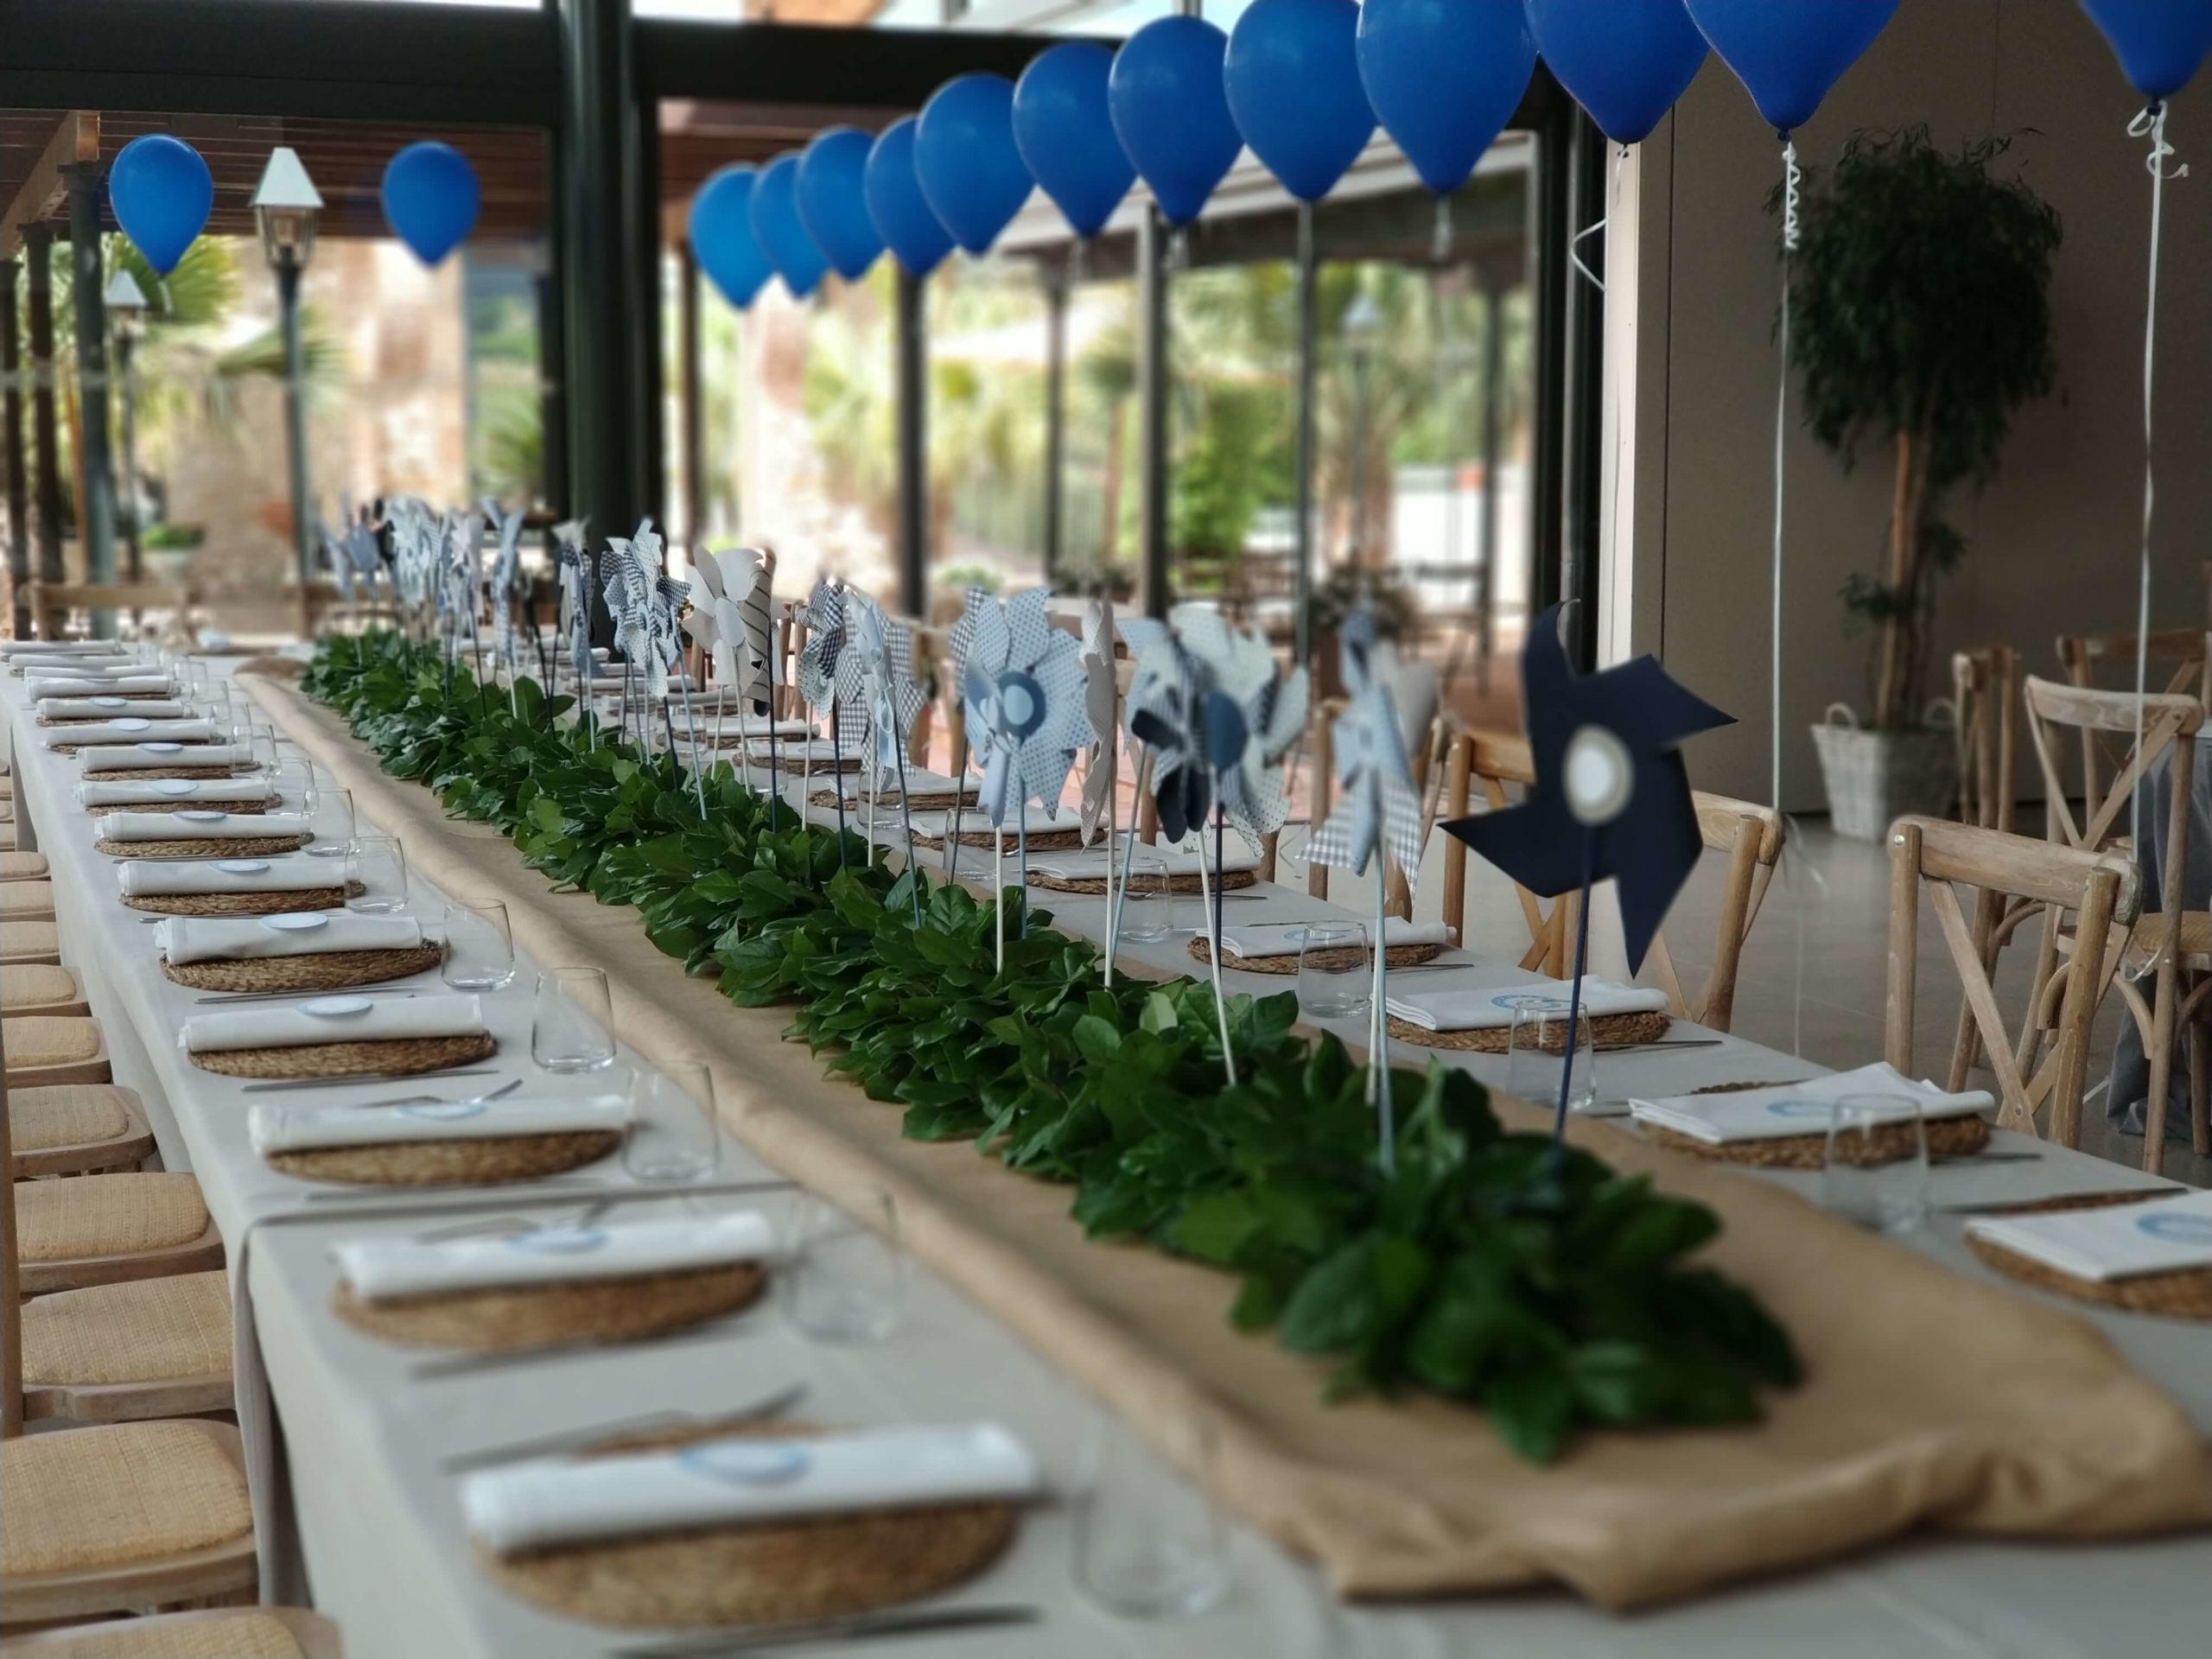 Banquete de comunión en el salón Rambla